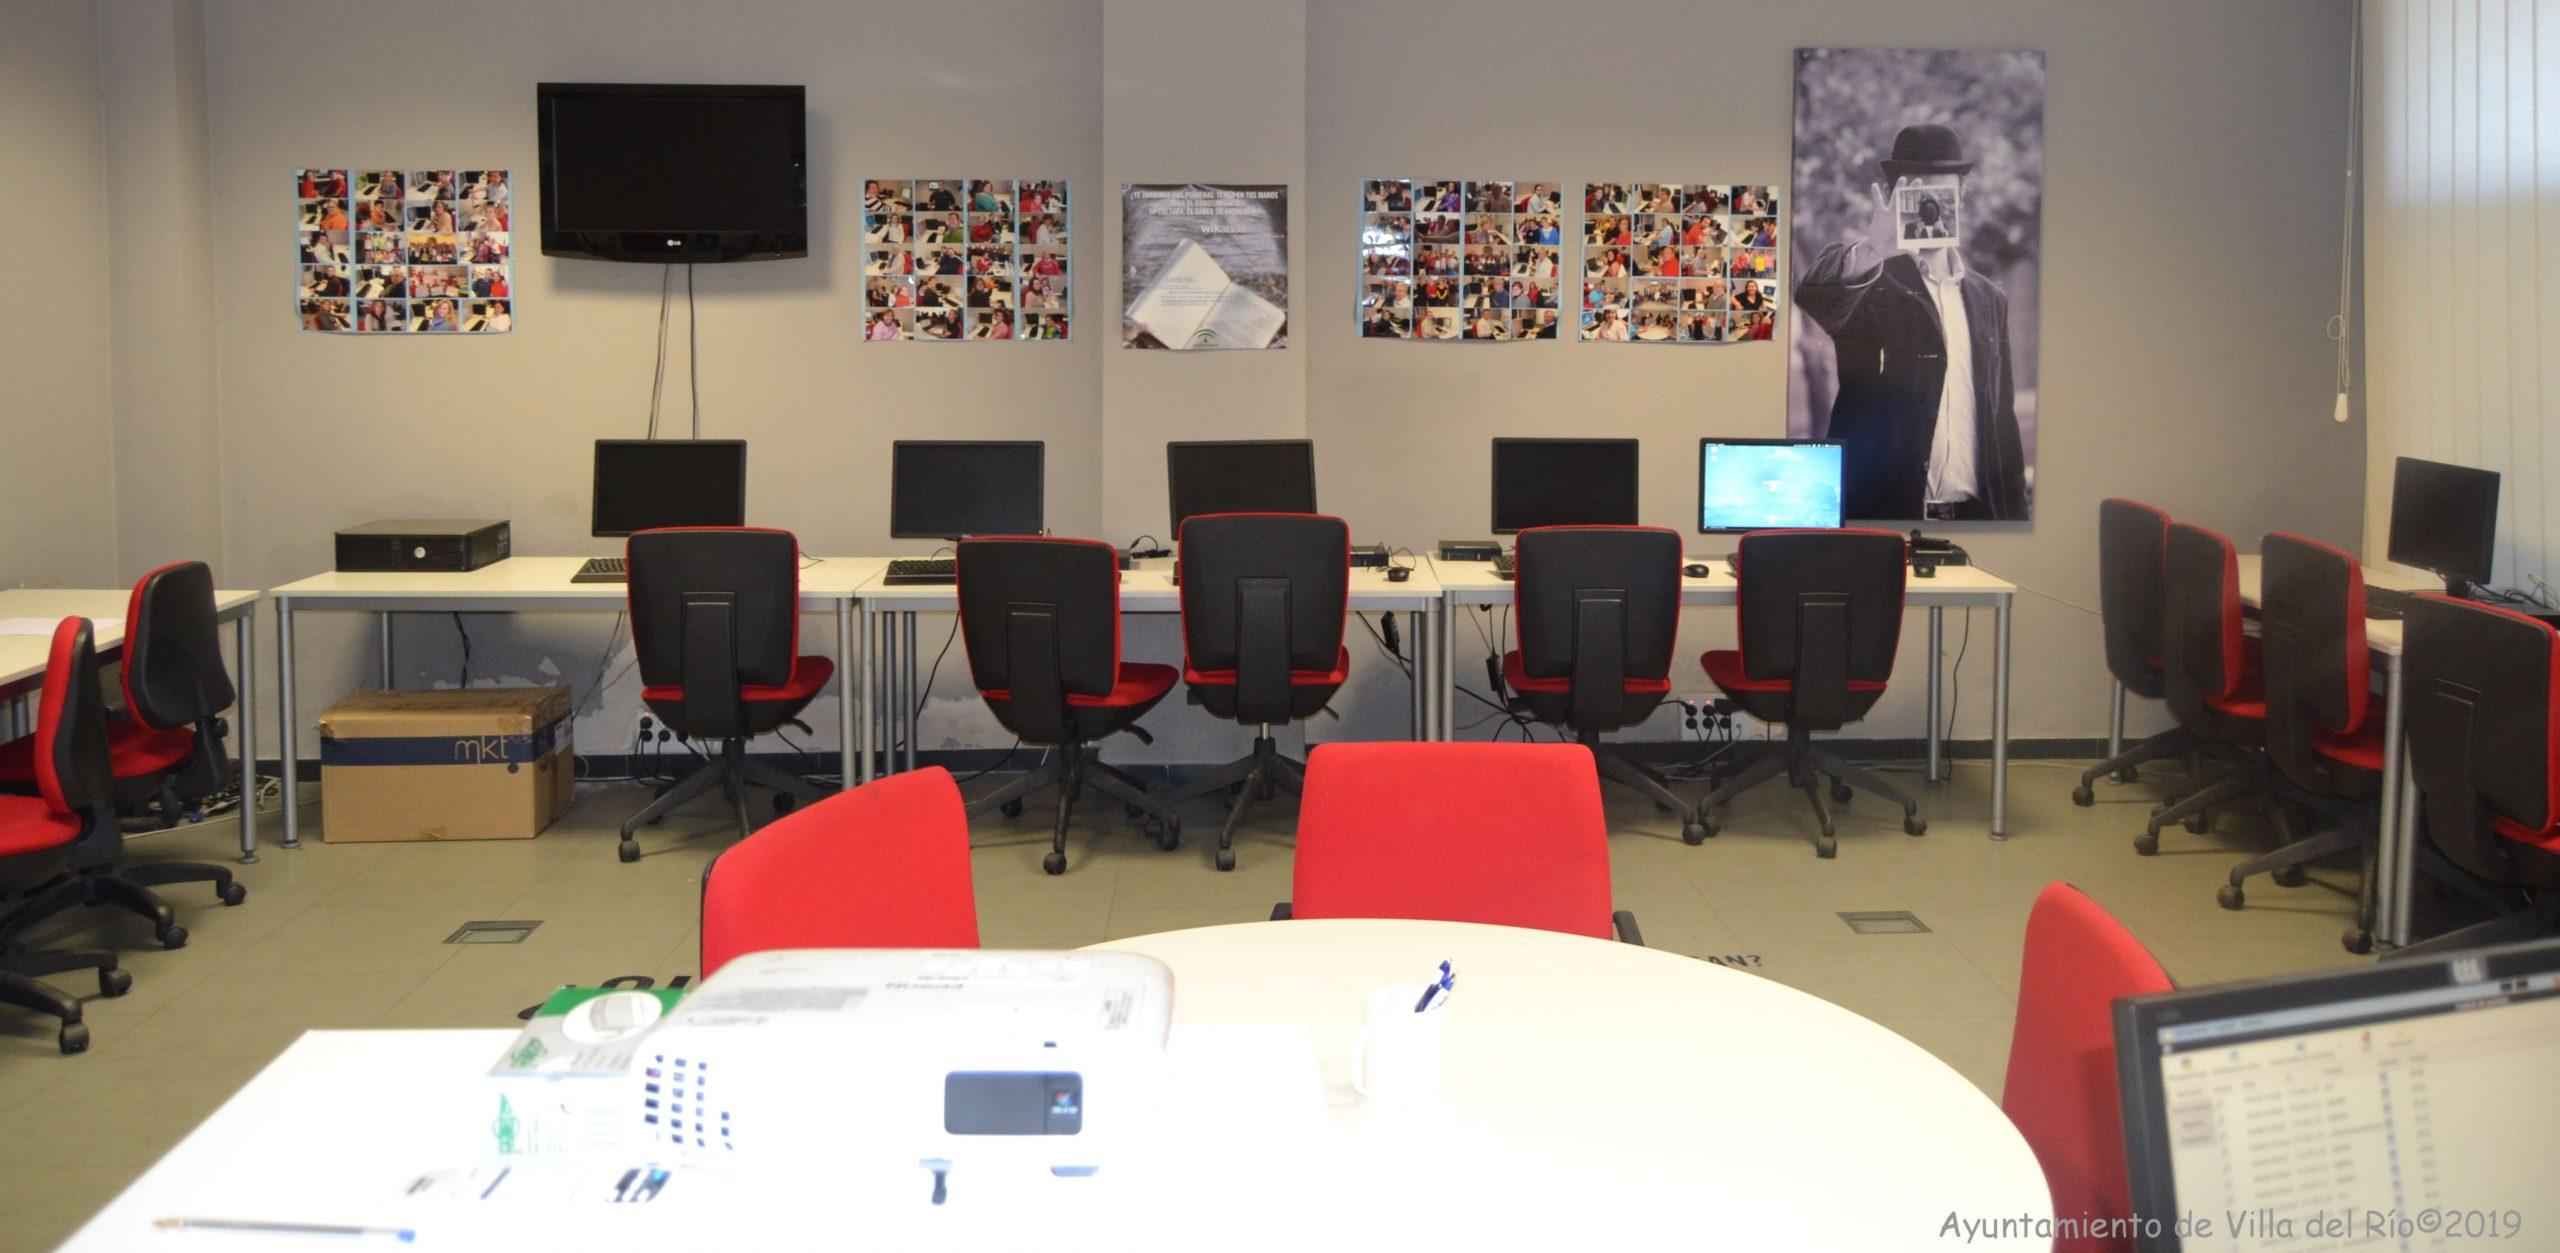 Centro Guadalinfo. Forma parte de la red de innovación social de Andalucía, que ofrece la oportunidad deconocer y usar las TICs